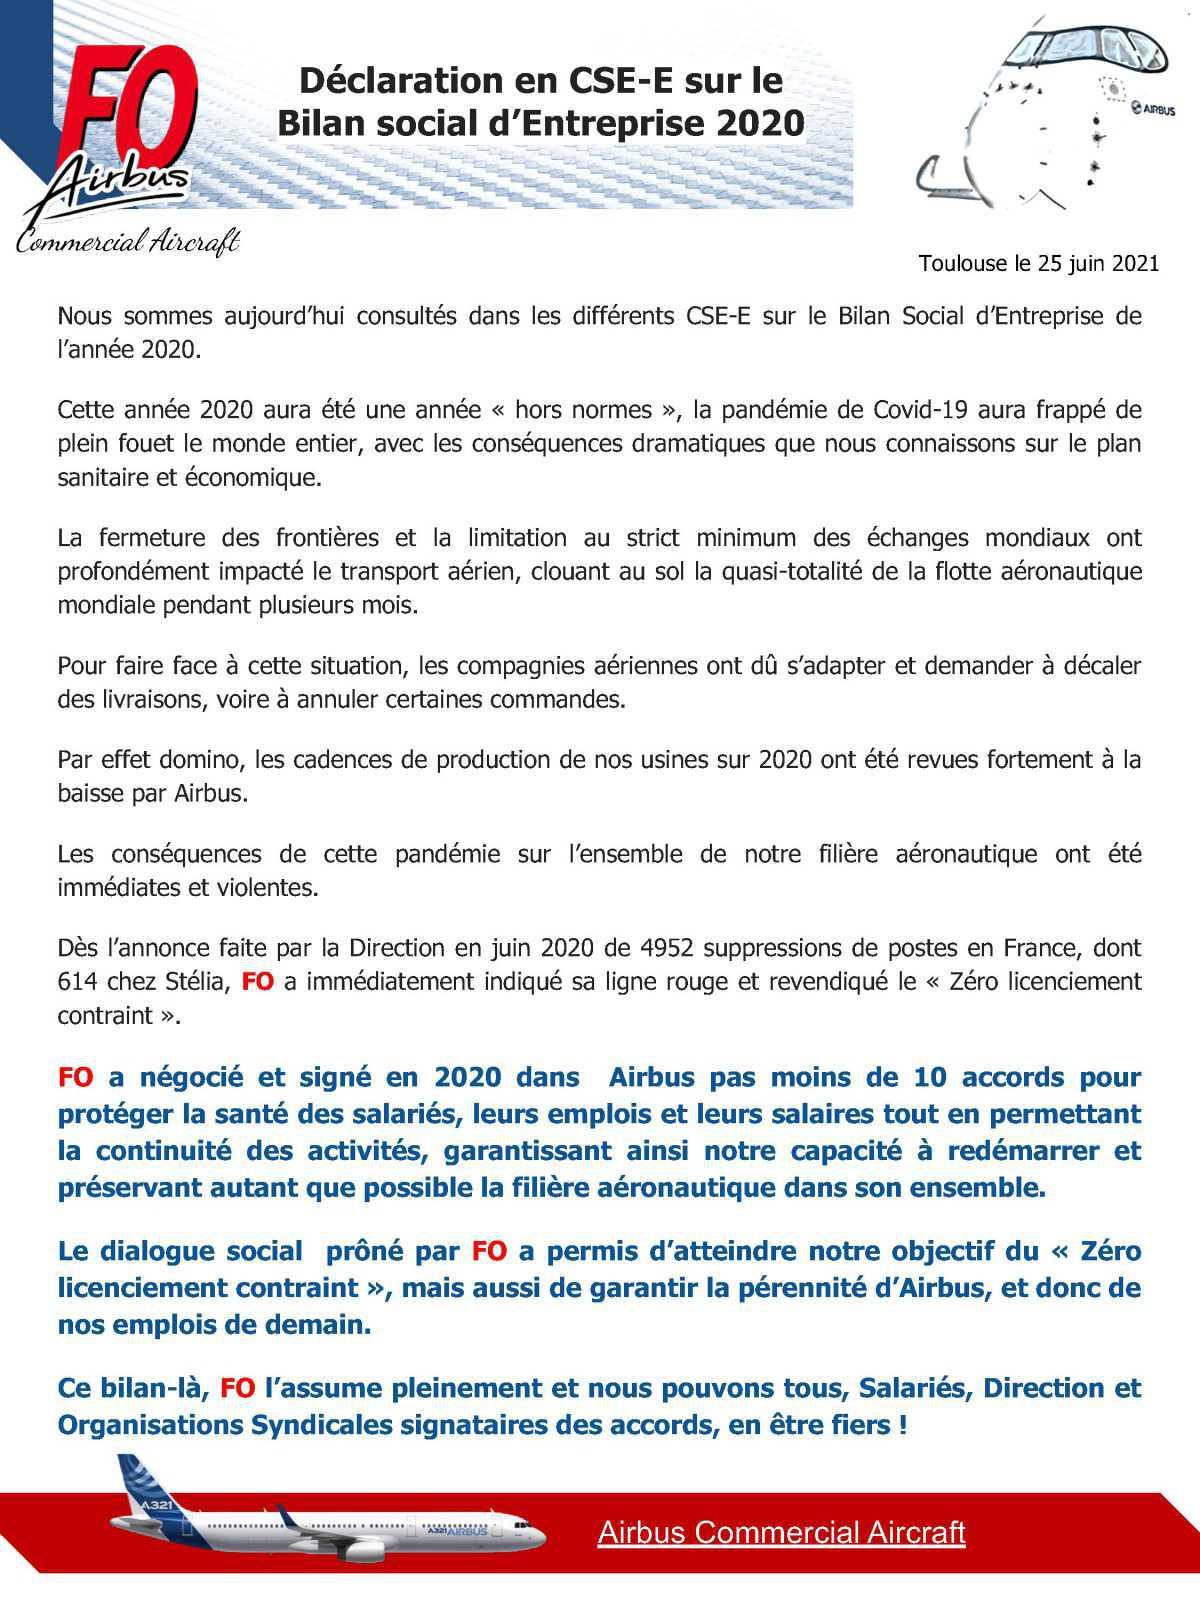 Déclaration en CSE-E du Bilan Social d'Entreprise 2020